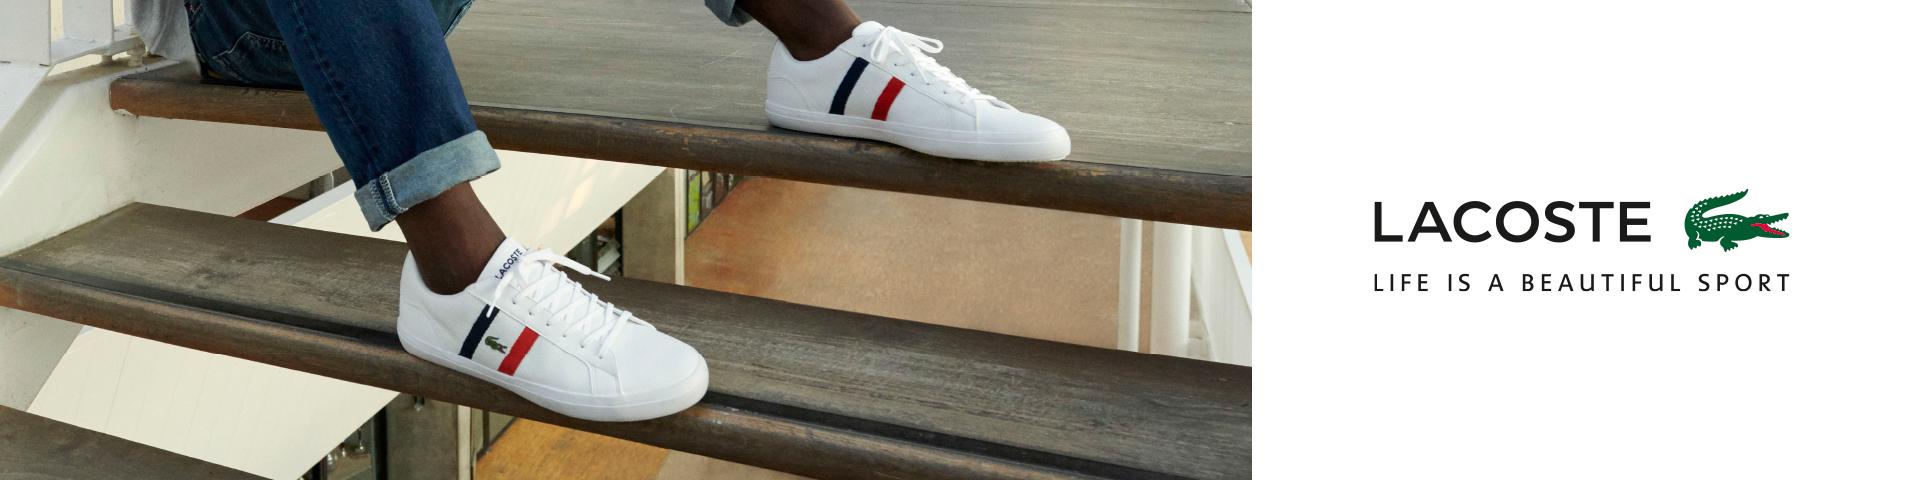 36ccfa1145 Chaussures homme Lacoste | Large choix en ligne sur Zalando